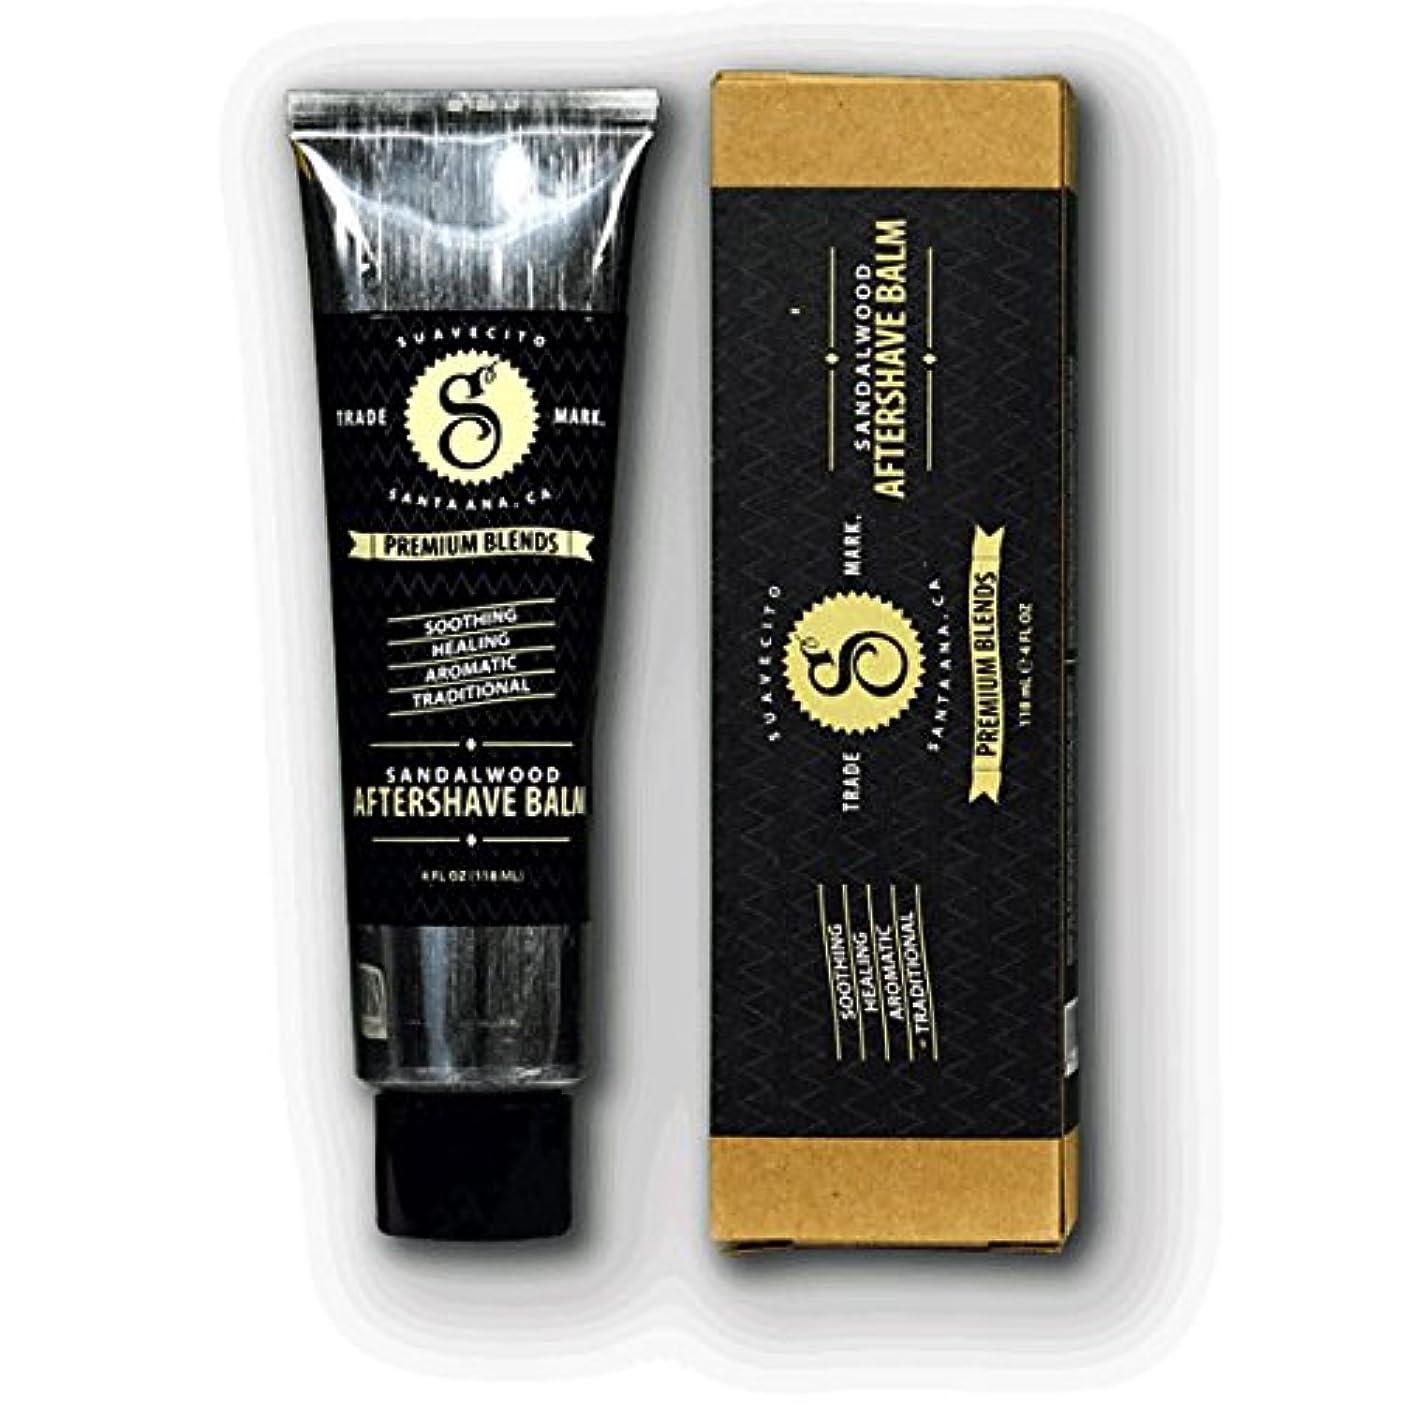 錆び魅力的であることへのアピール形式SUAVECITO スアベシート 【Premium Blends Sandalwood Aftershave Balm 4oz】 シェービングクリーム 4OZ(約110G)